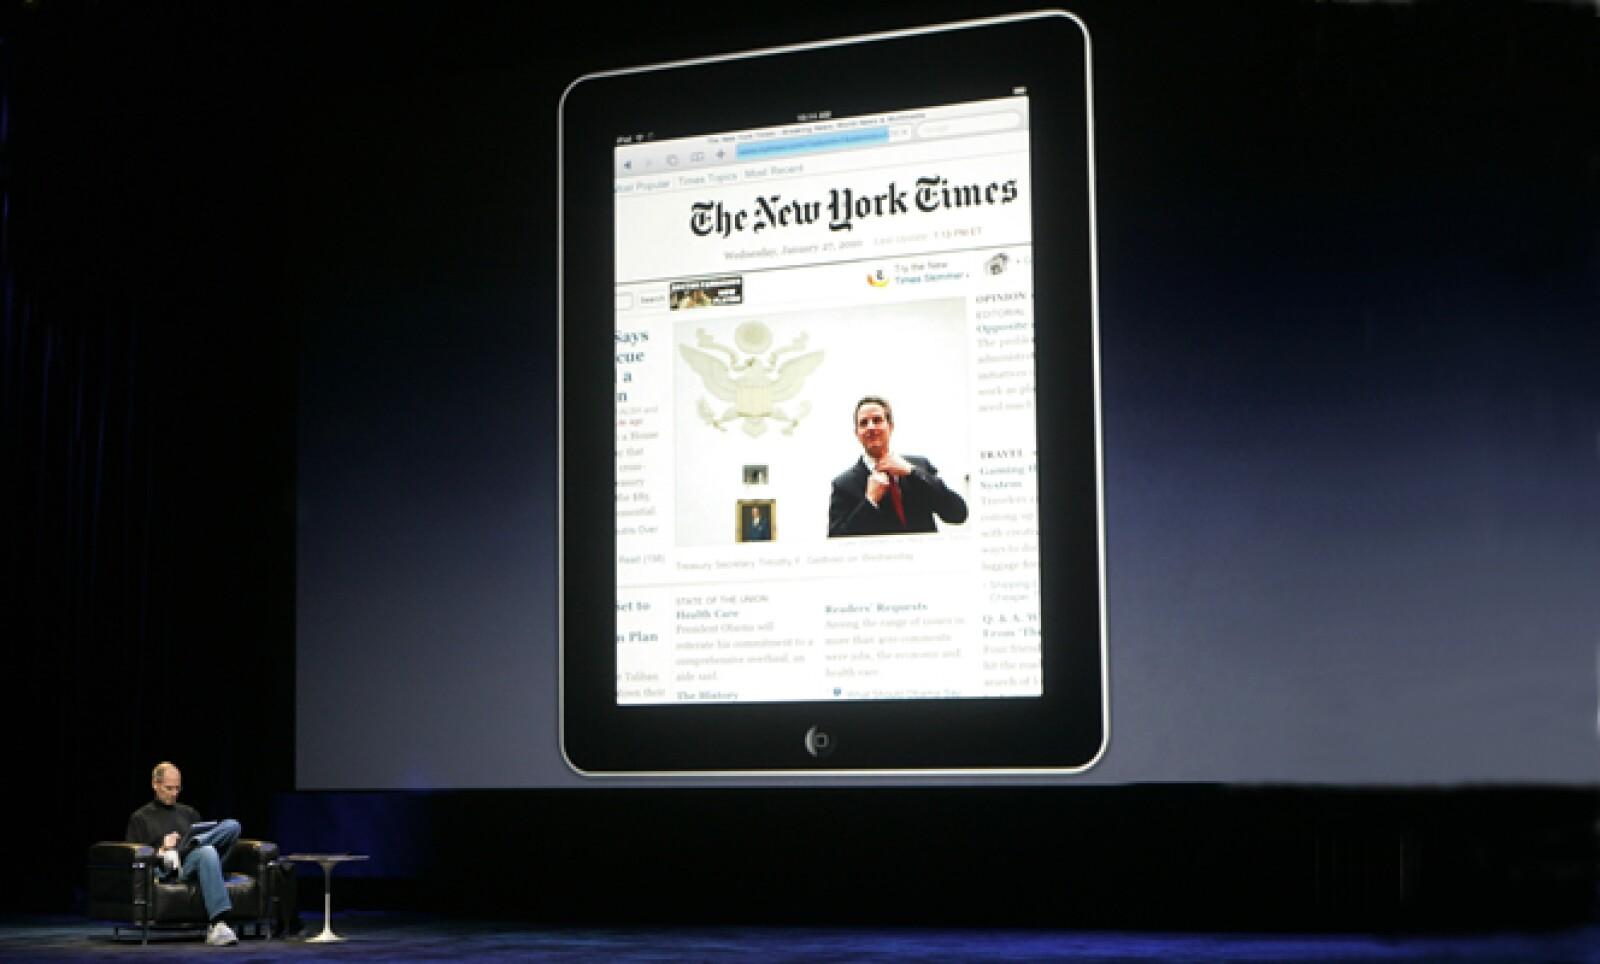 El aparato tecnológico, iPad, será vendido y distribuido por Apple con opción a servicios de enlace de datos 3G con AT&T por 29.99 dólares por cuetión de datos e internet ilimitados.